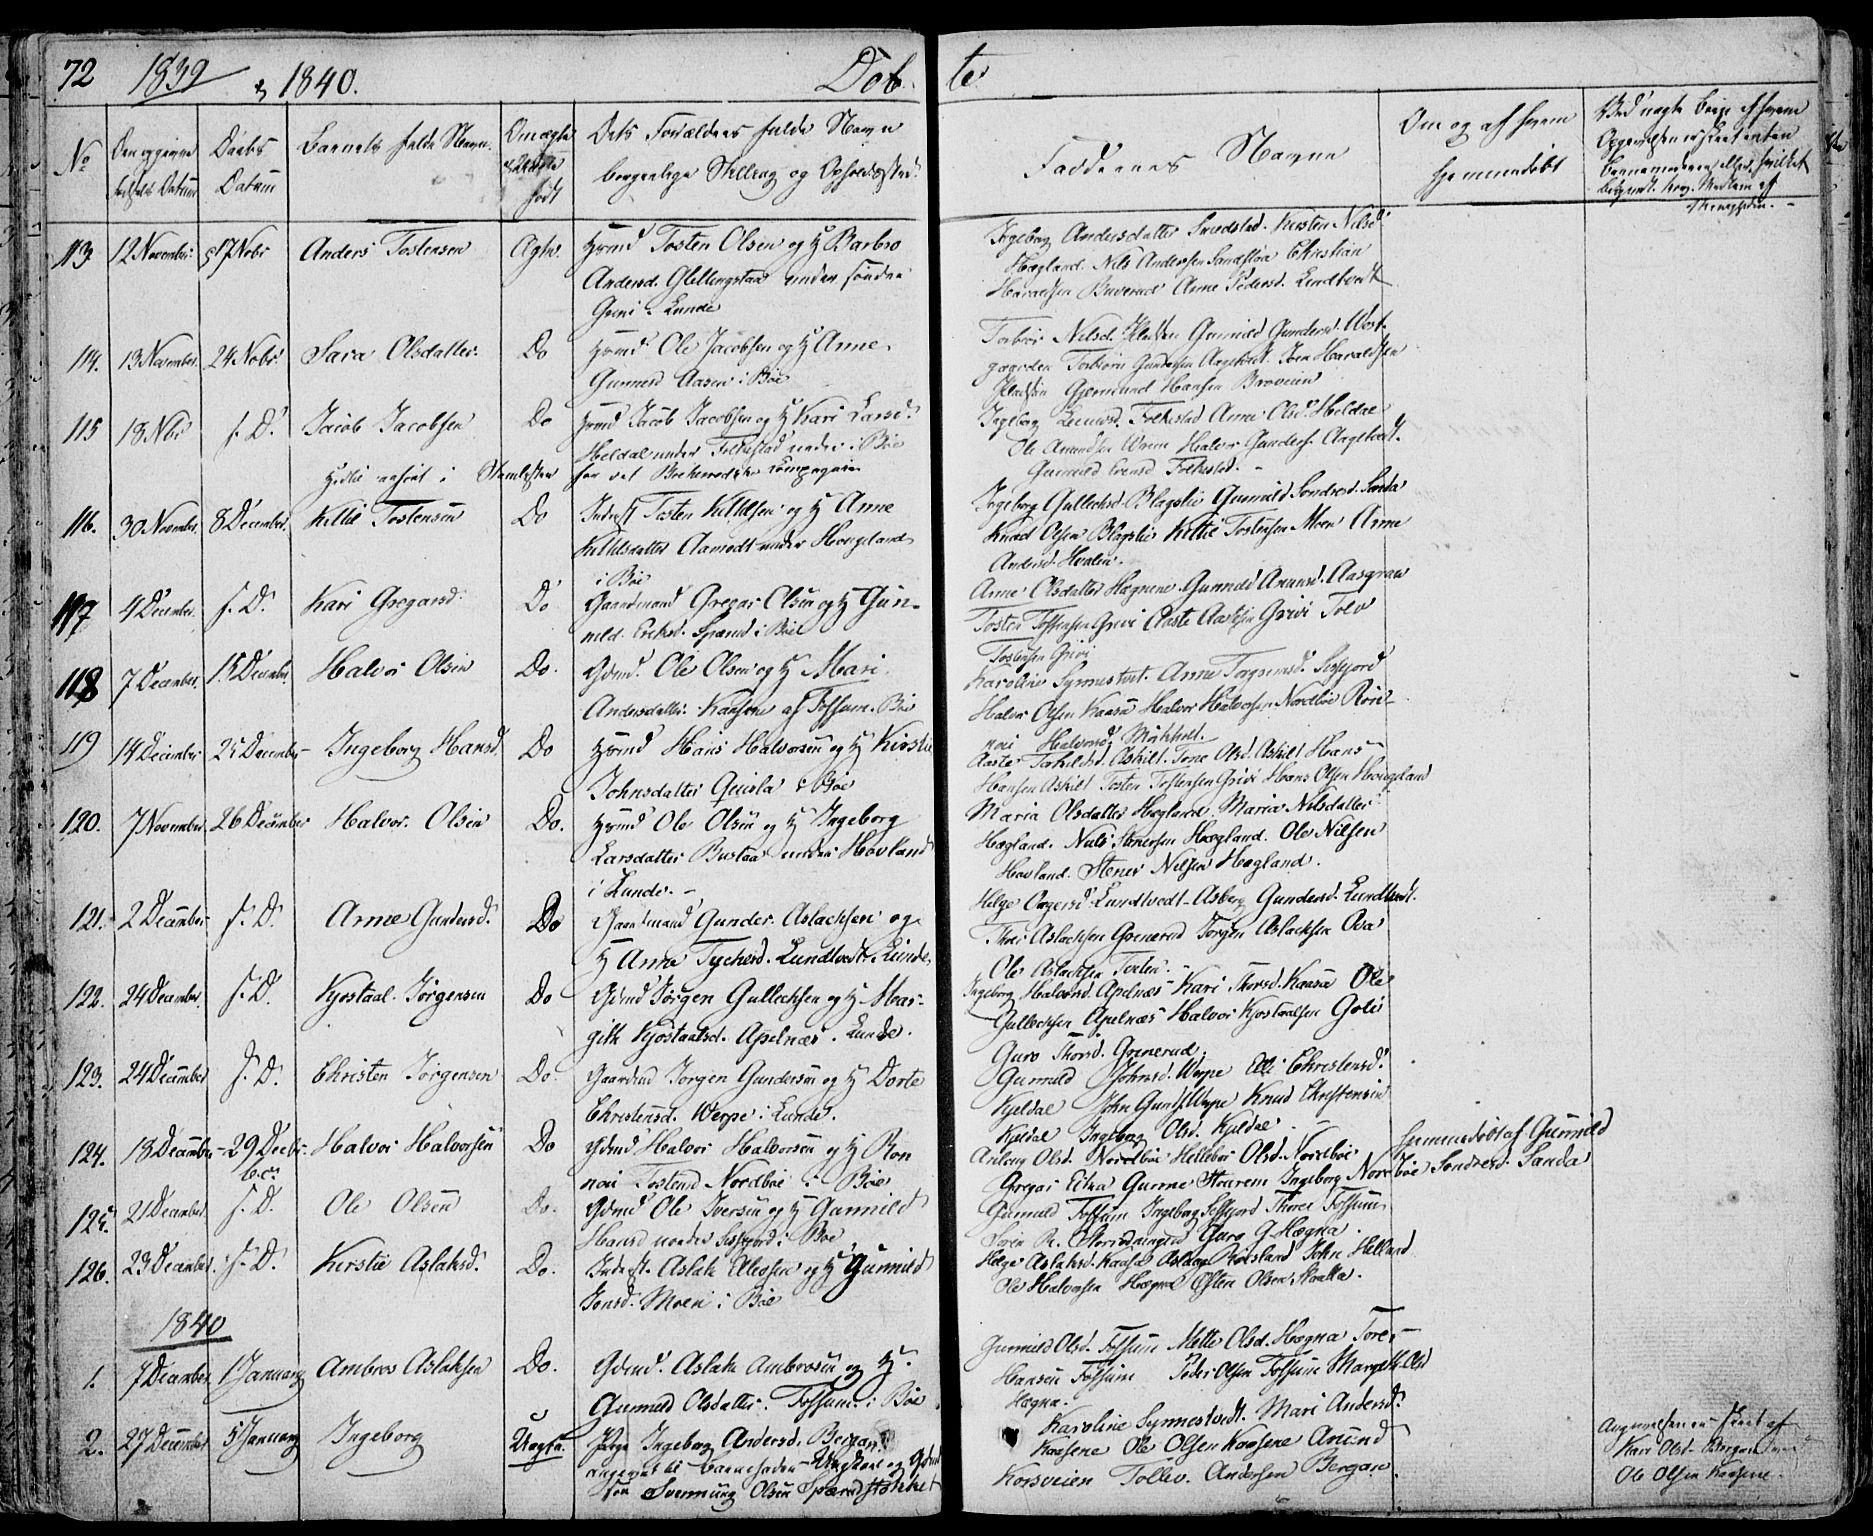 SAKO, Bø kirkebøker, F/Fa/L0007: Ministerialbok nr. 7, 1831-1848, s. 72